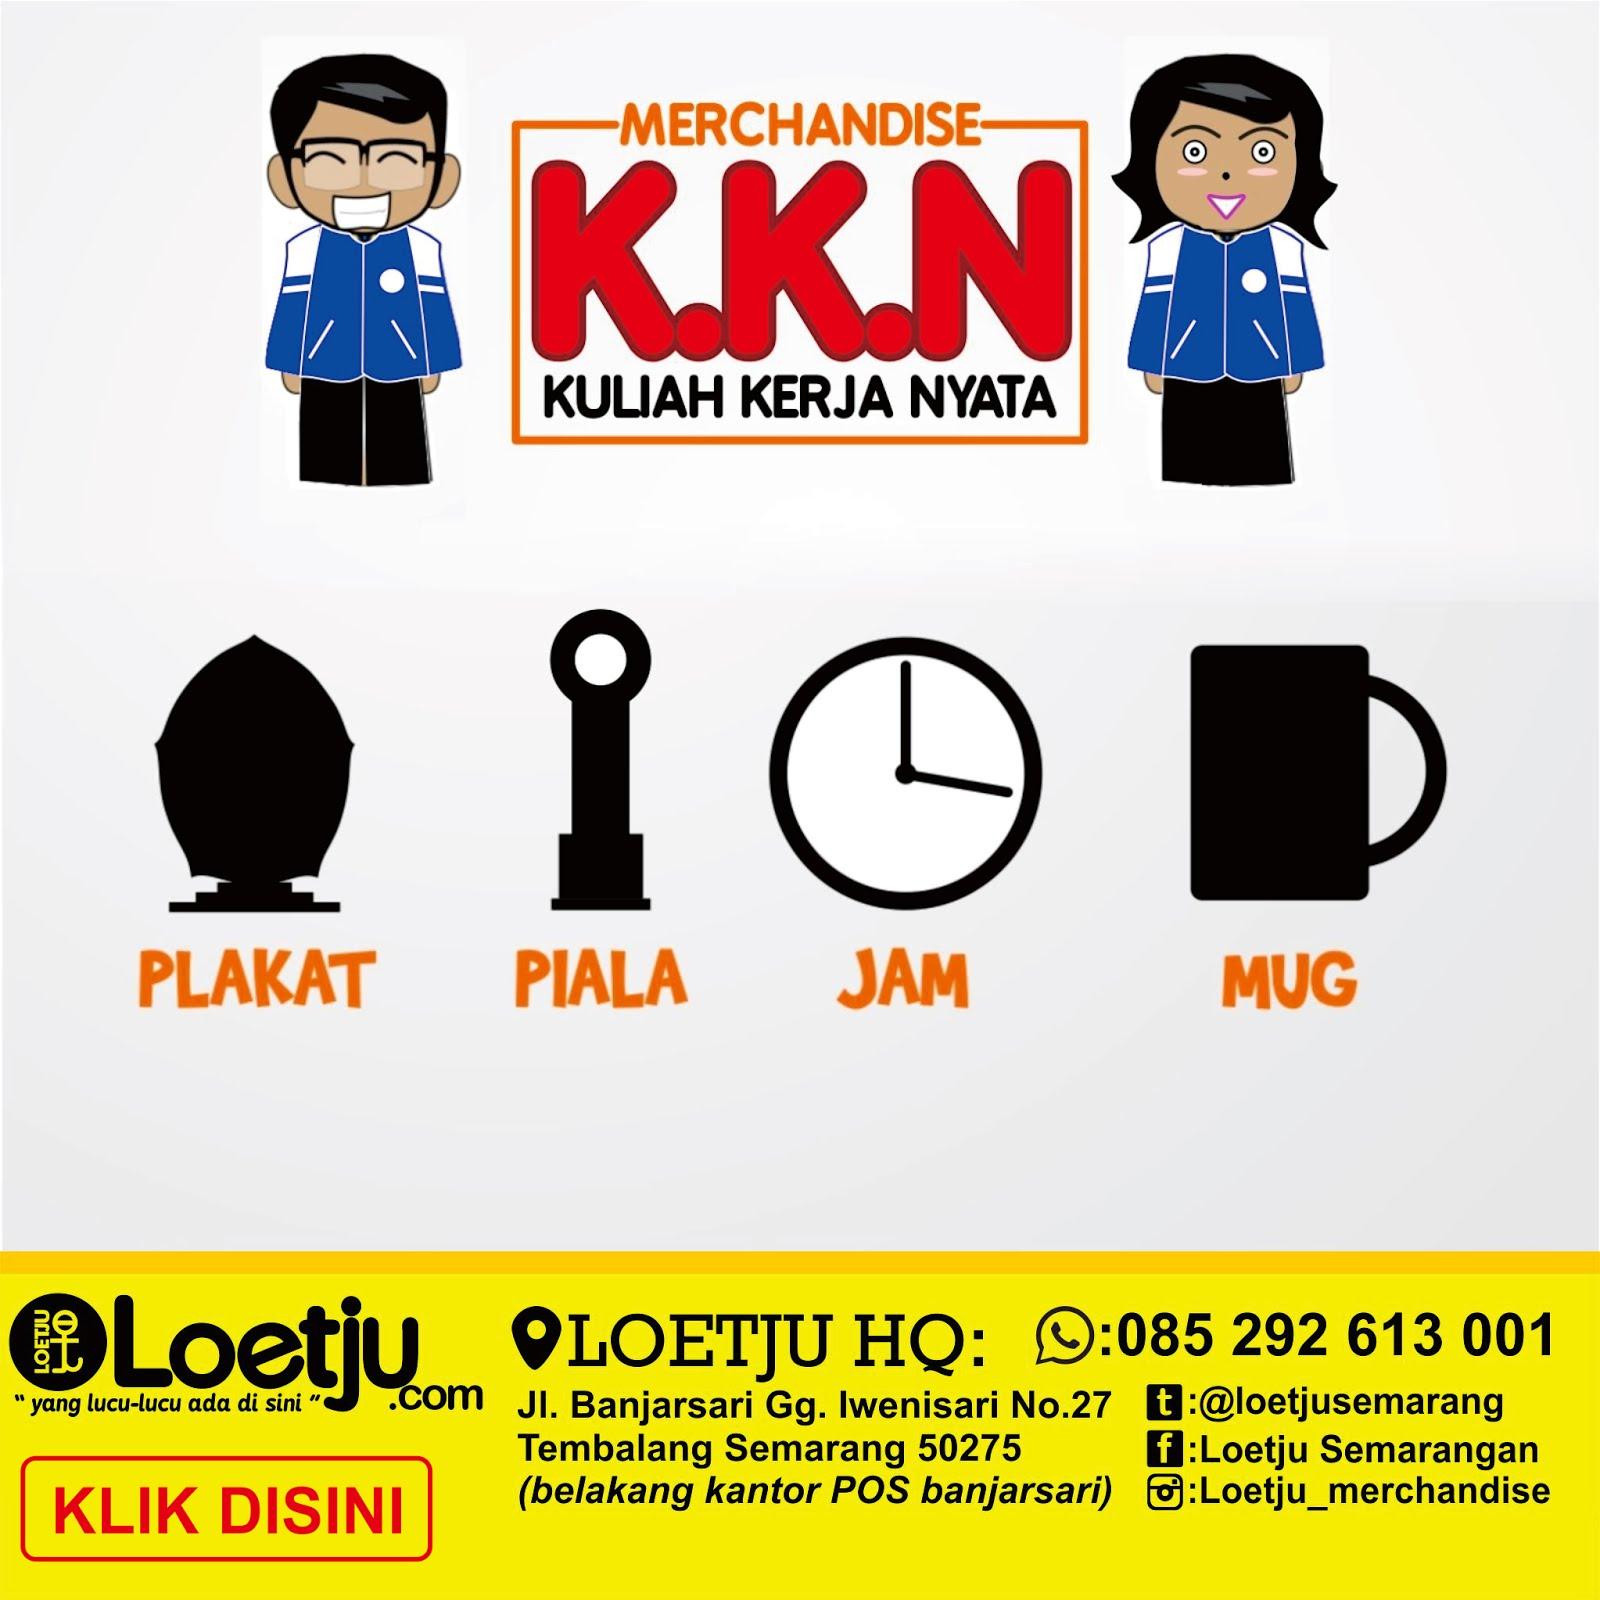 KKN Merch